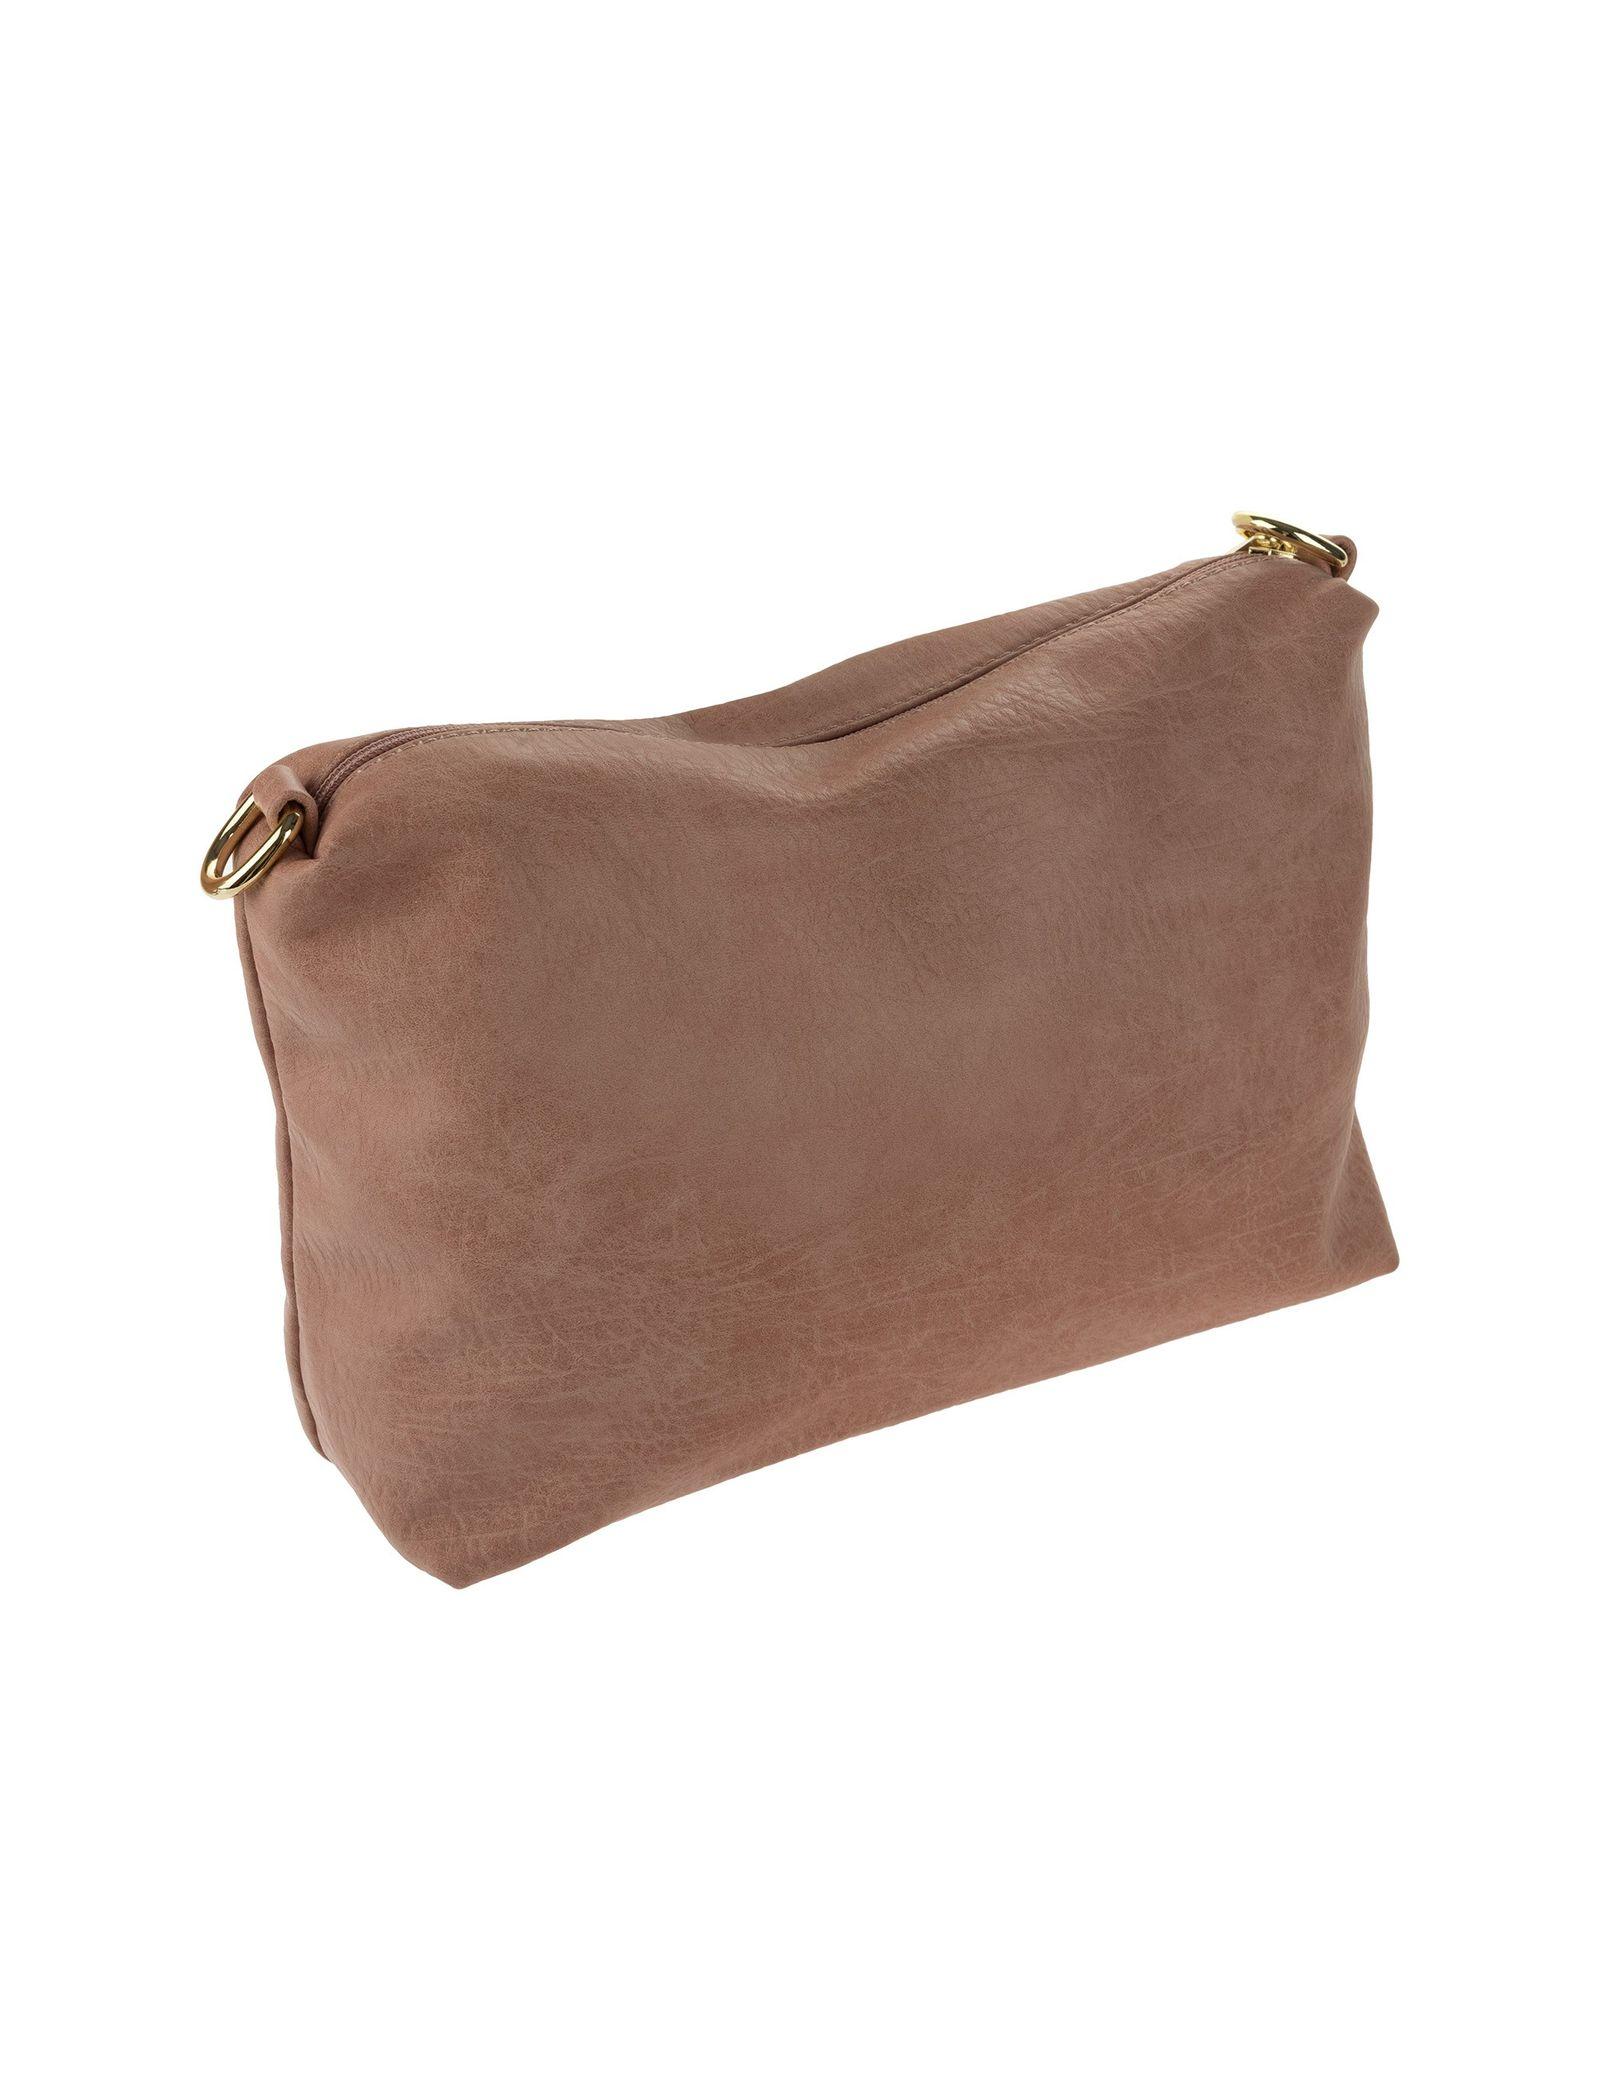 کیف دستی روزمره زنانه - دادلین تک سایز - صورتي - 9